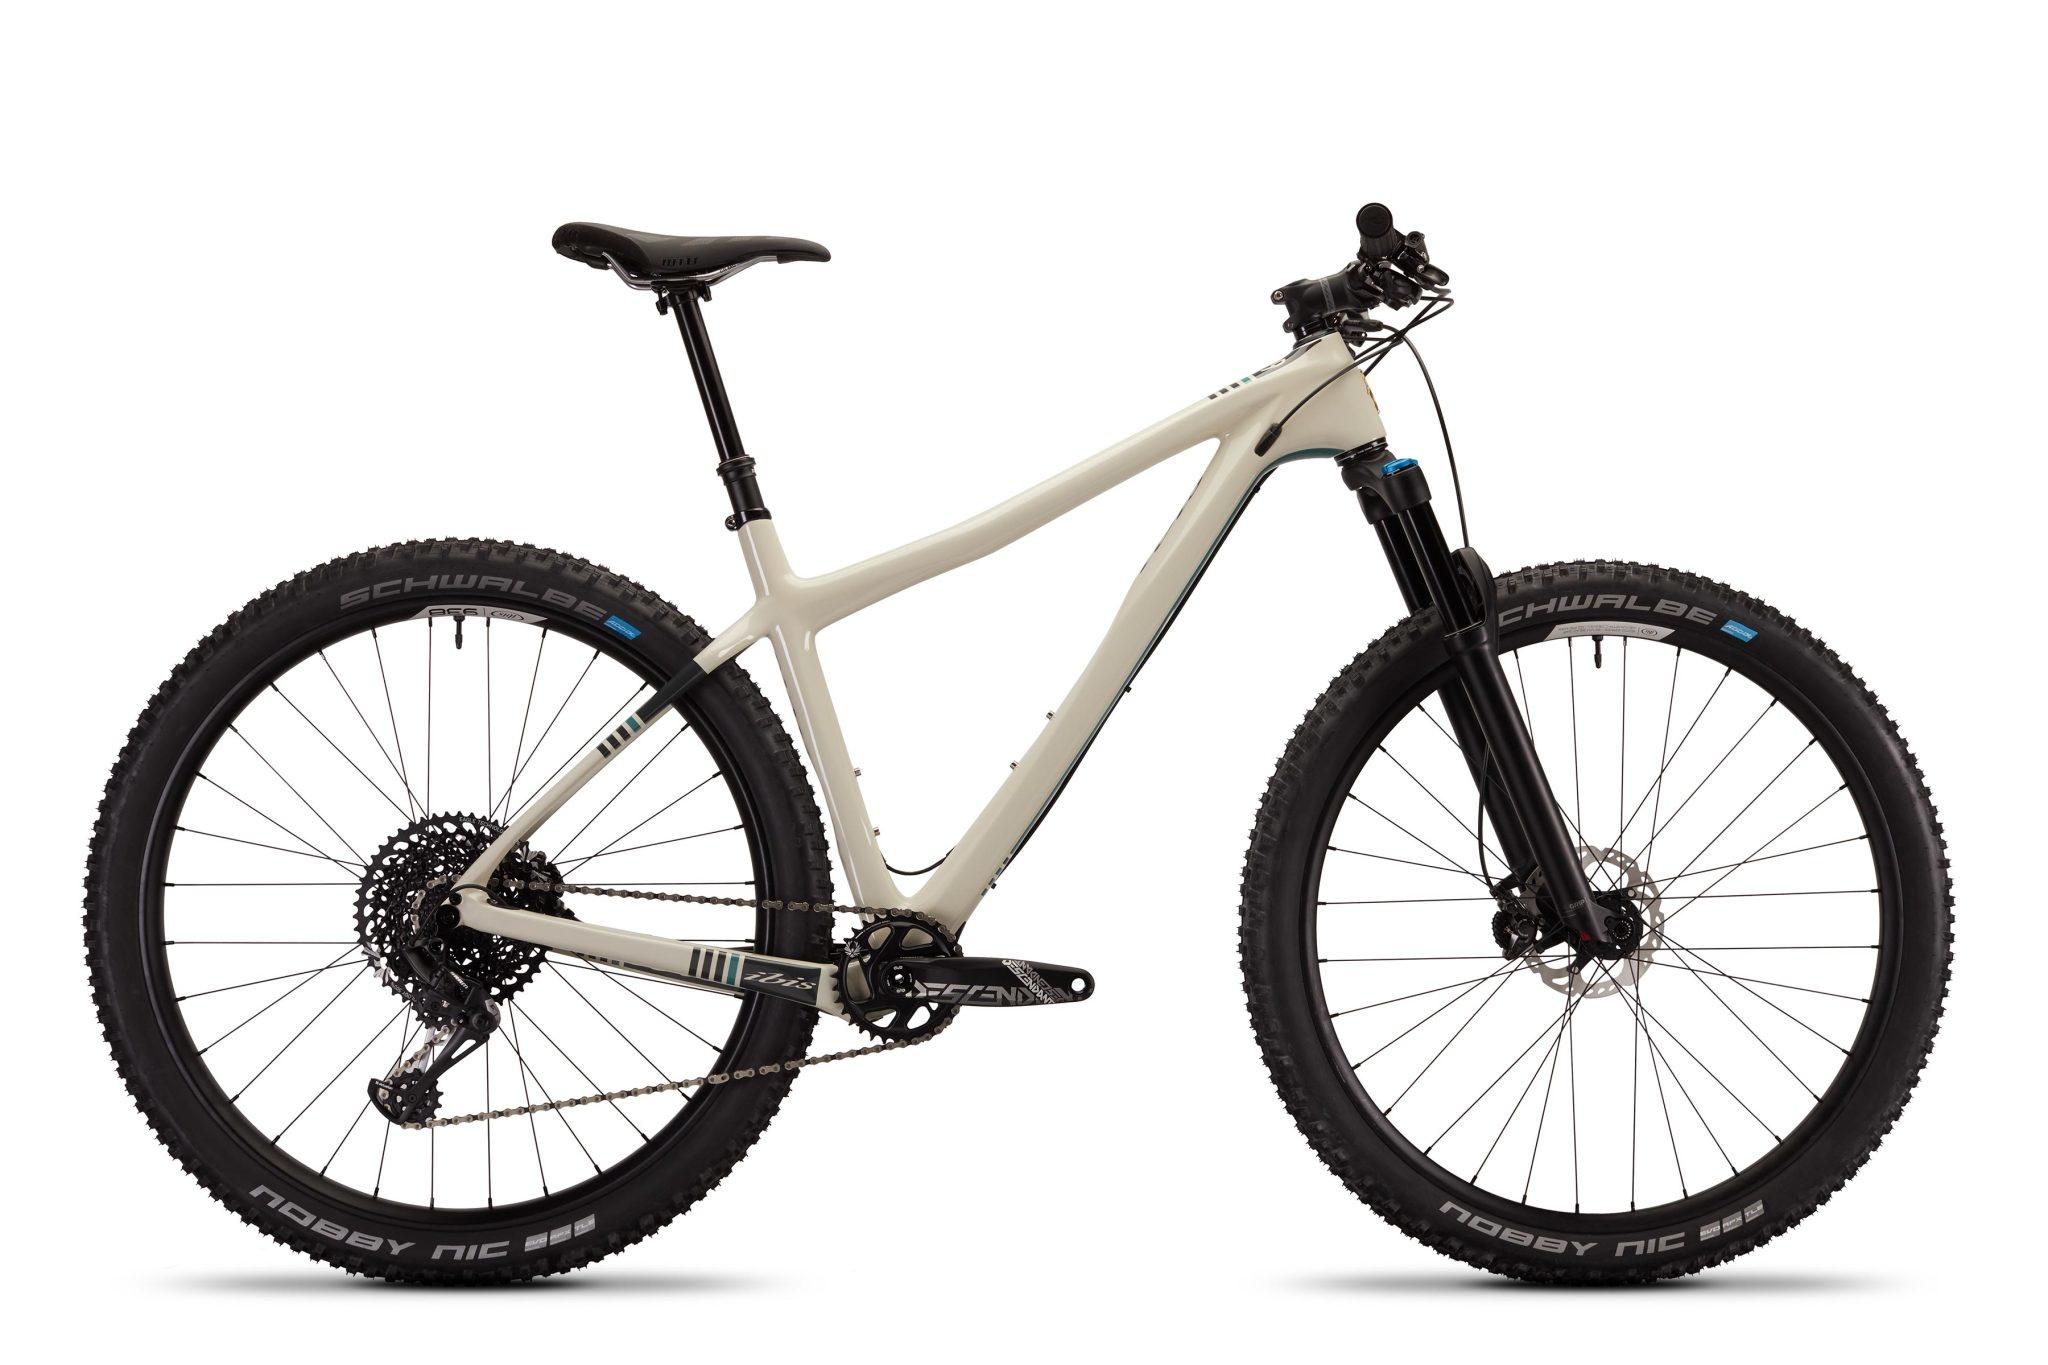 DV9 GX Eagle Complete Bike